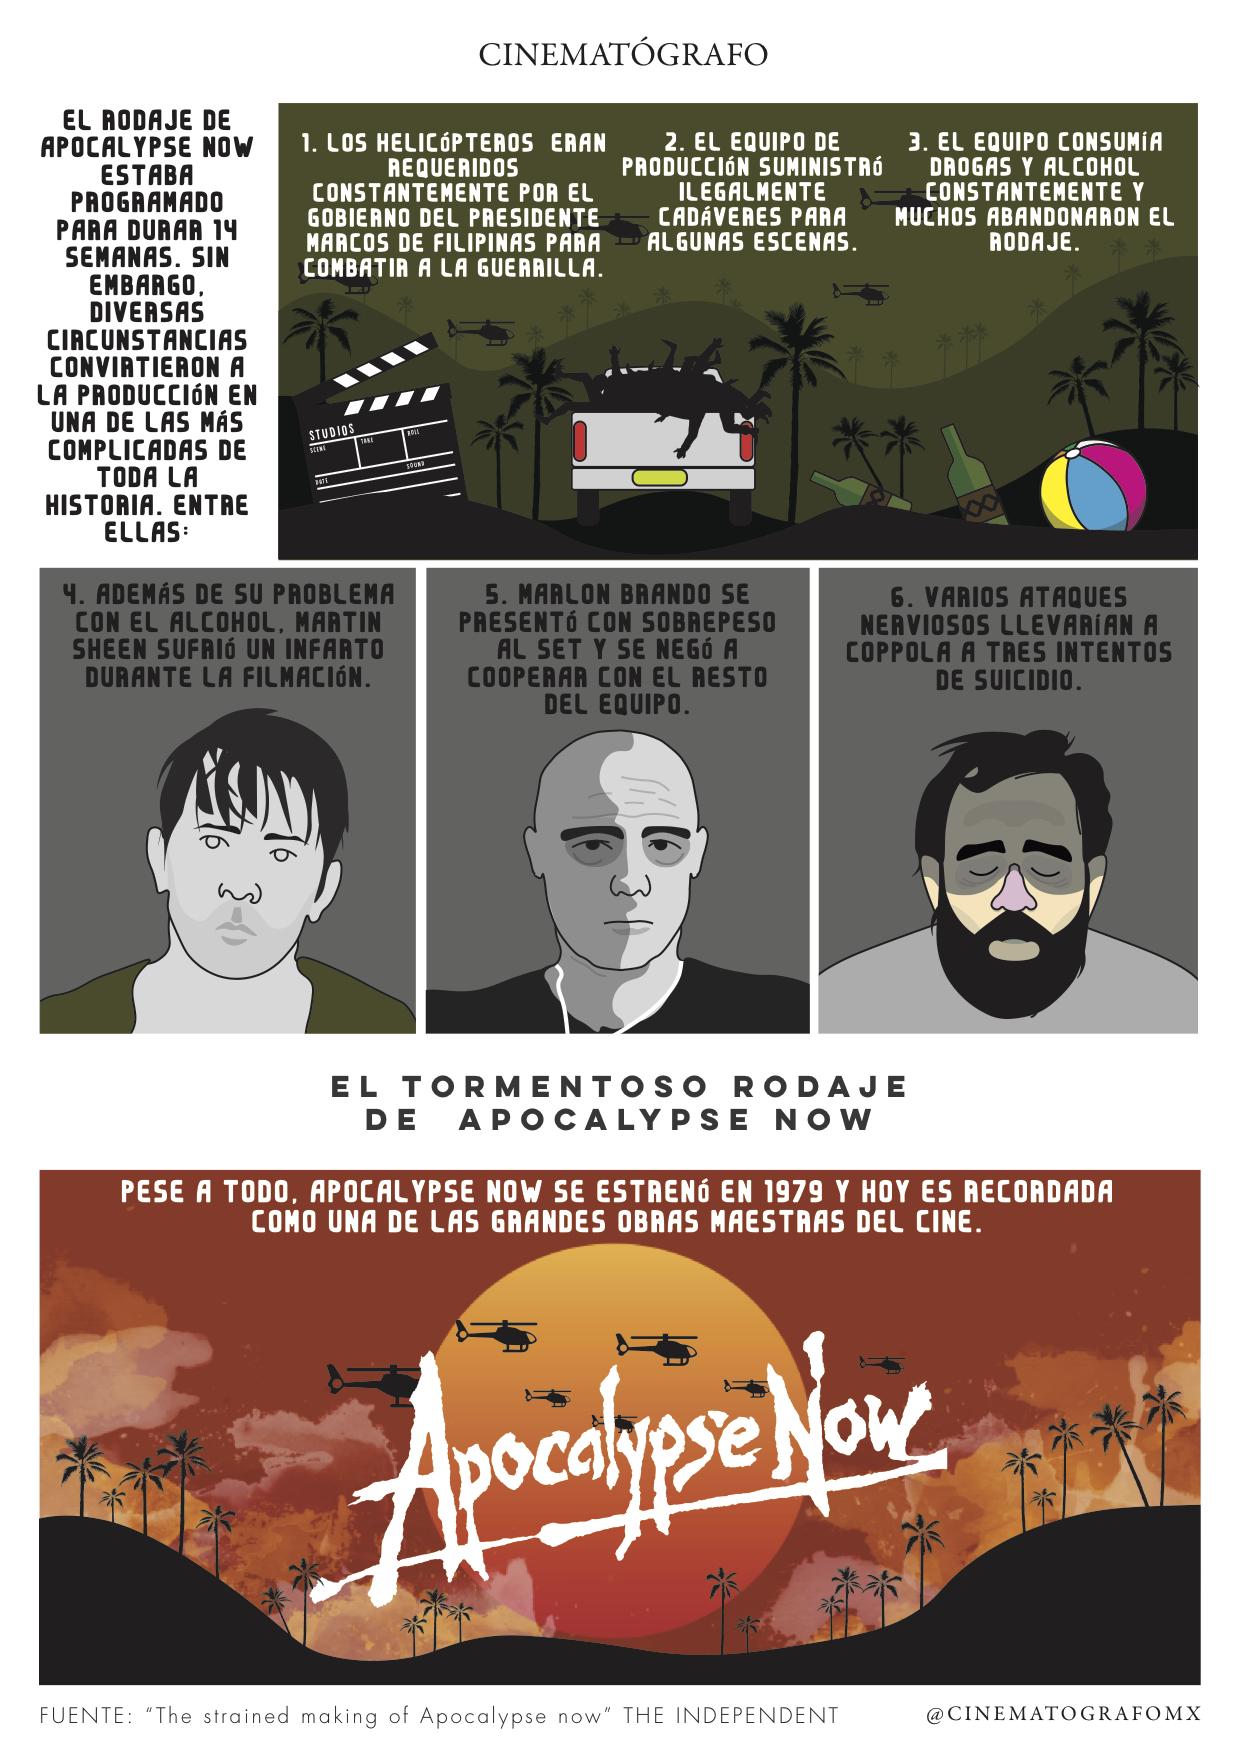 El tormentoso rodaje de Apocalypse Now